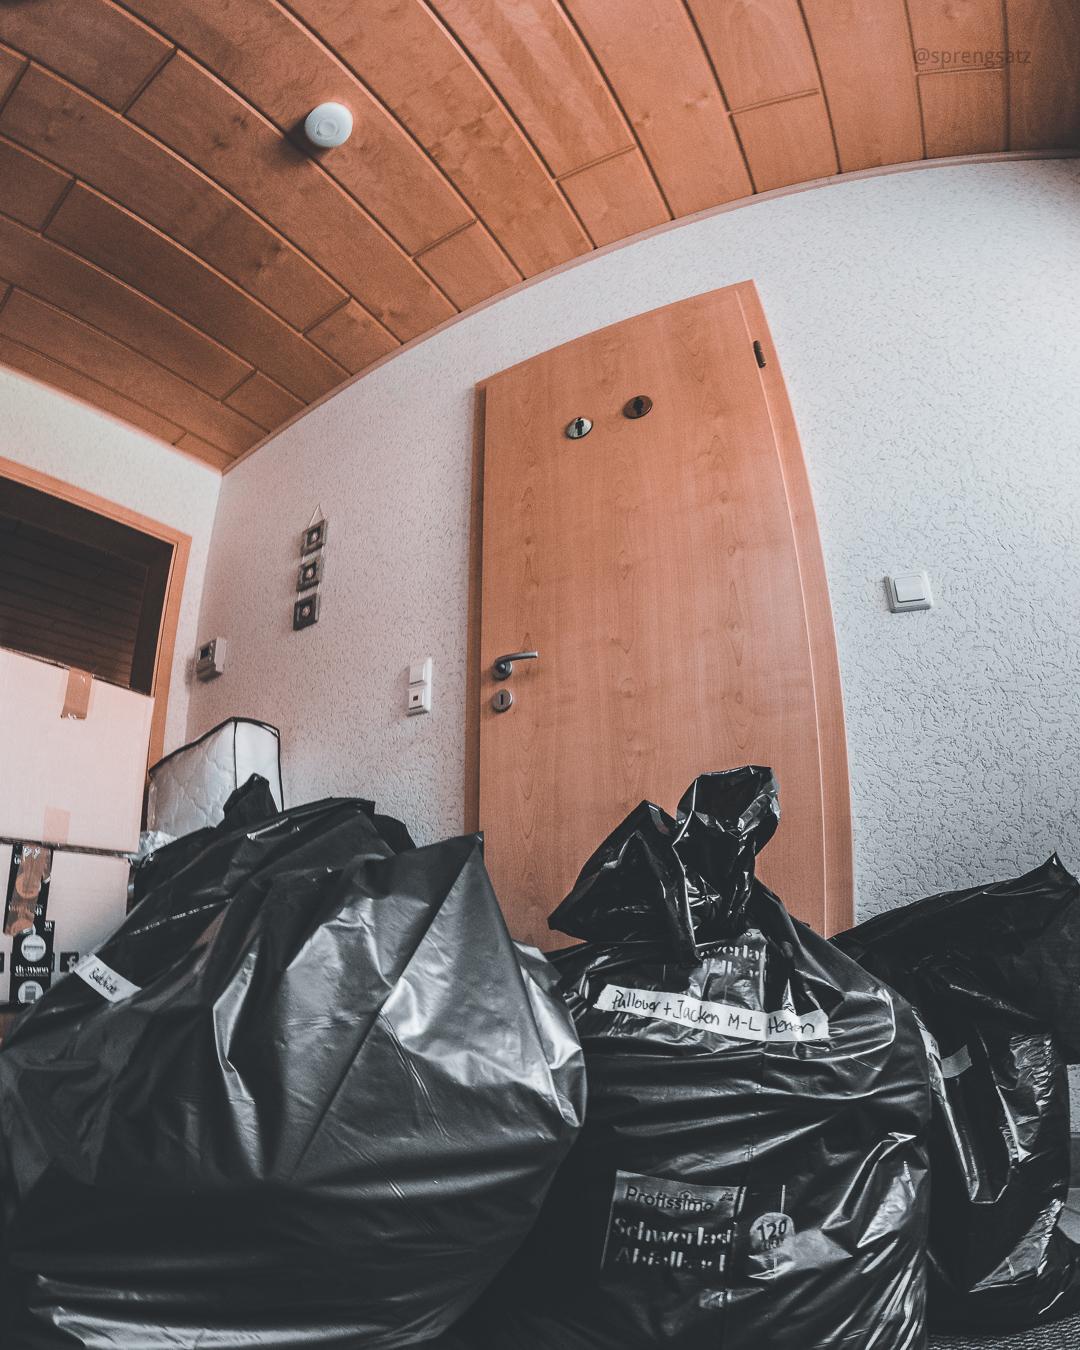 Sammlung von Sachspenden für die Betroffenen der Hochwasserkatastrophe im Juli 2021 in Rheinland-Pfalz und Nordrhein-Westfalen